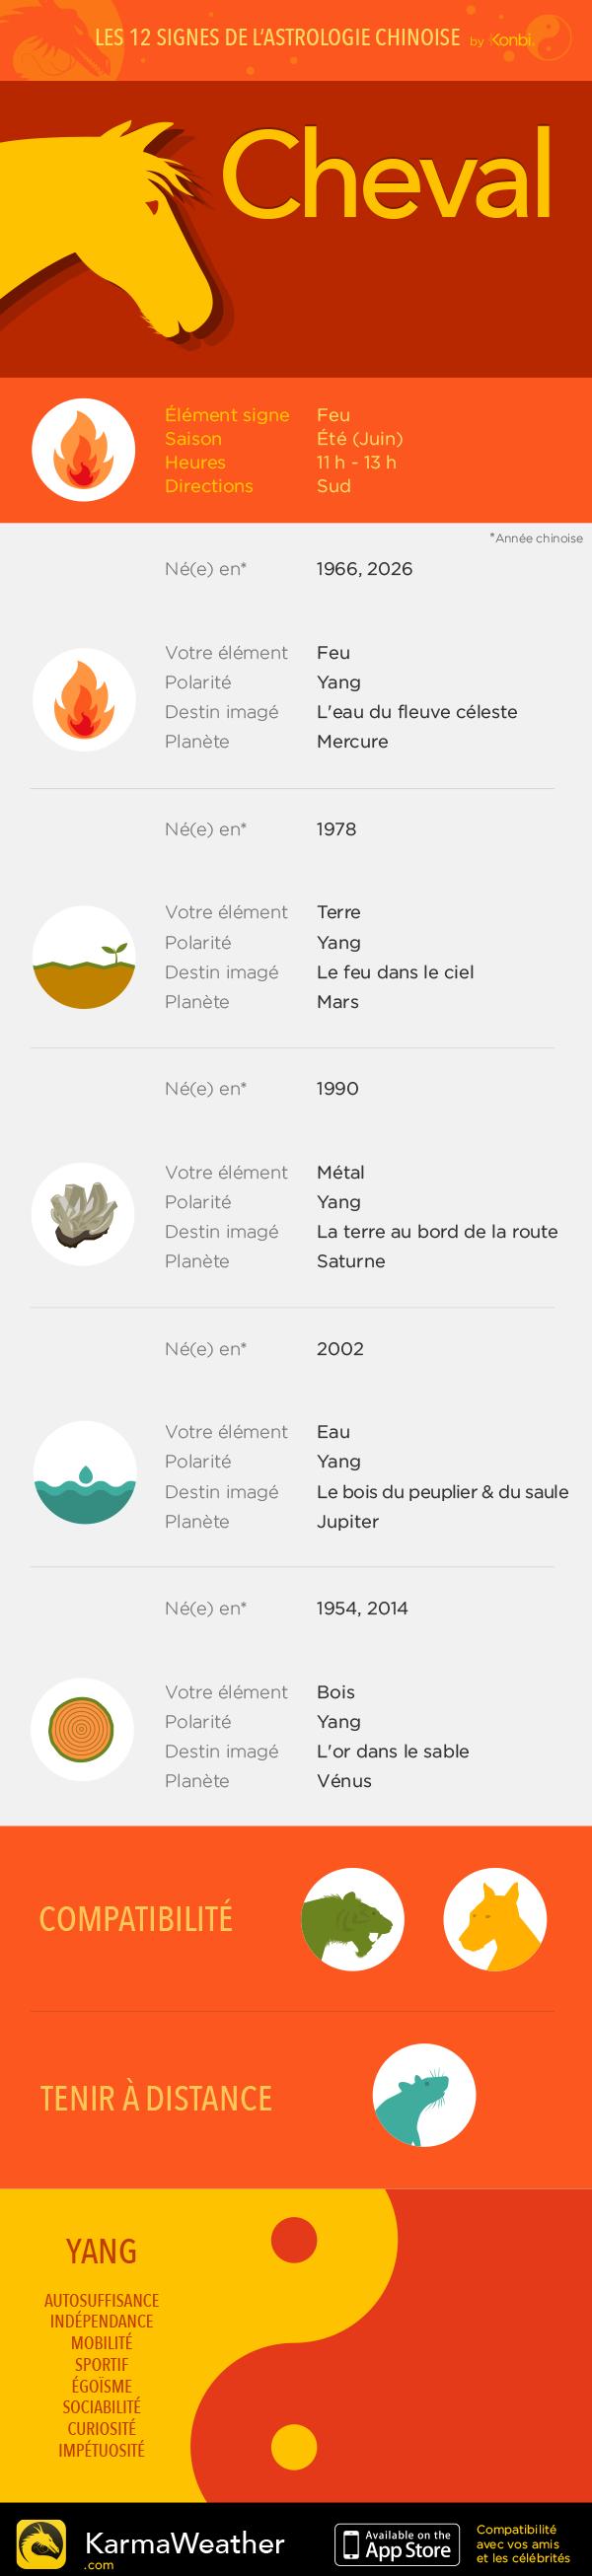 Les 12 signes astrologiques du zodiaque chinois : le Cheval